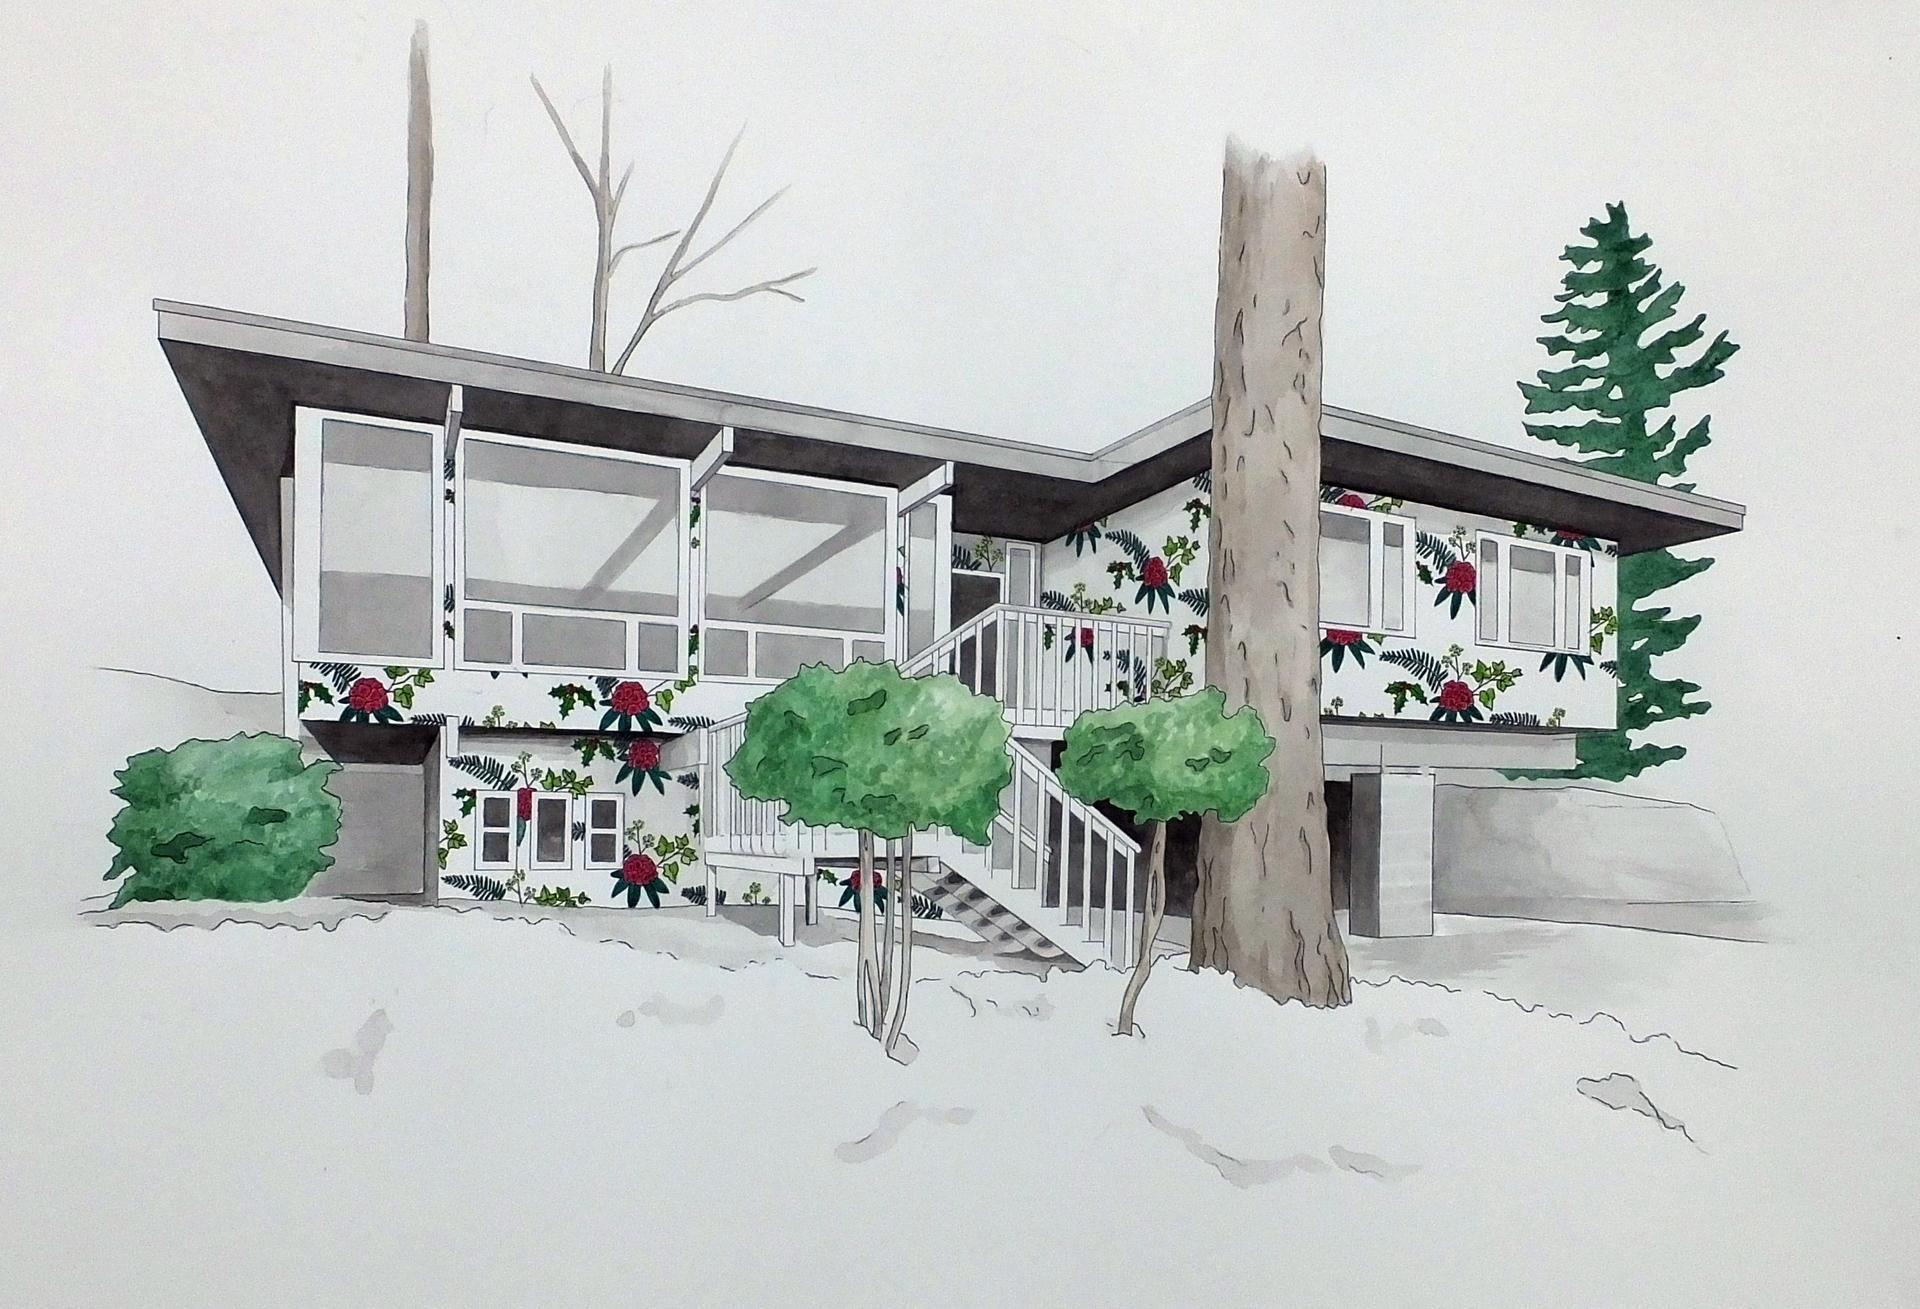 Tanya Spolans, Lake Louise Drive